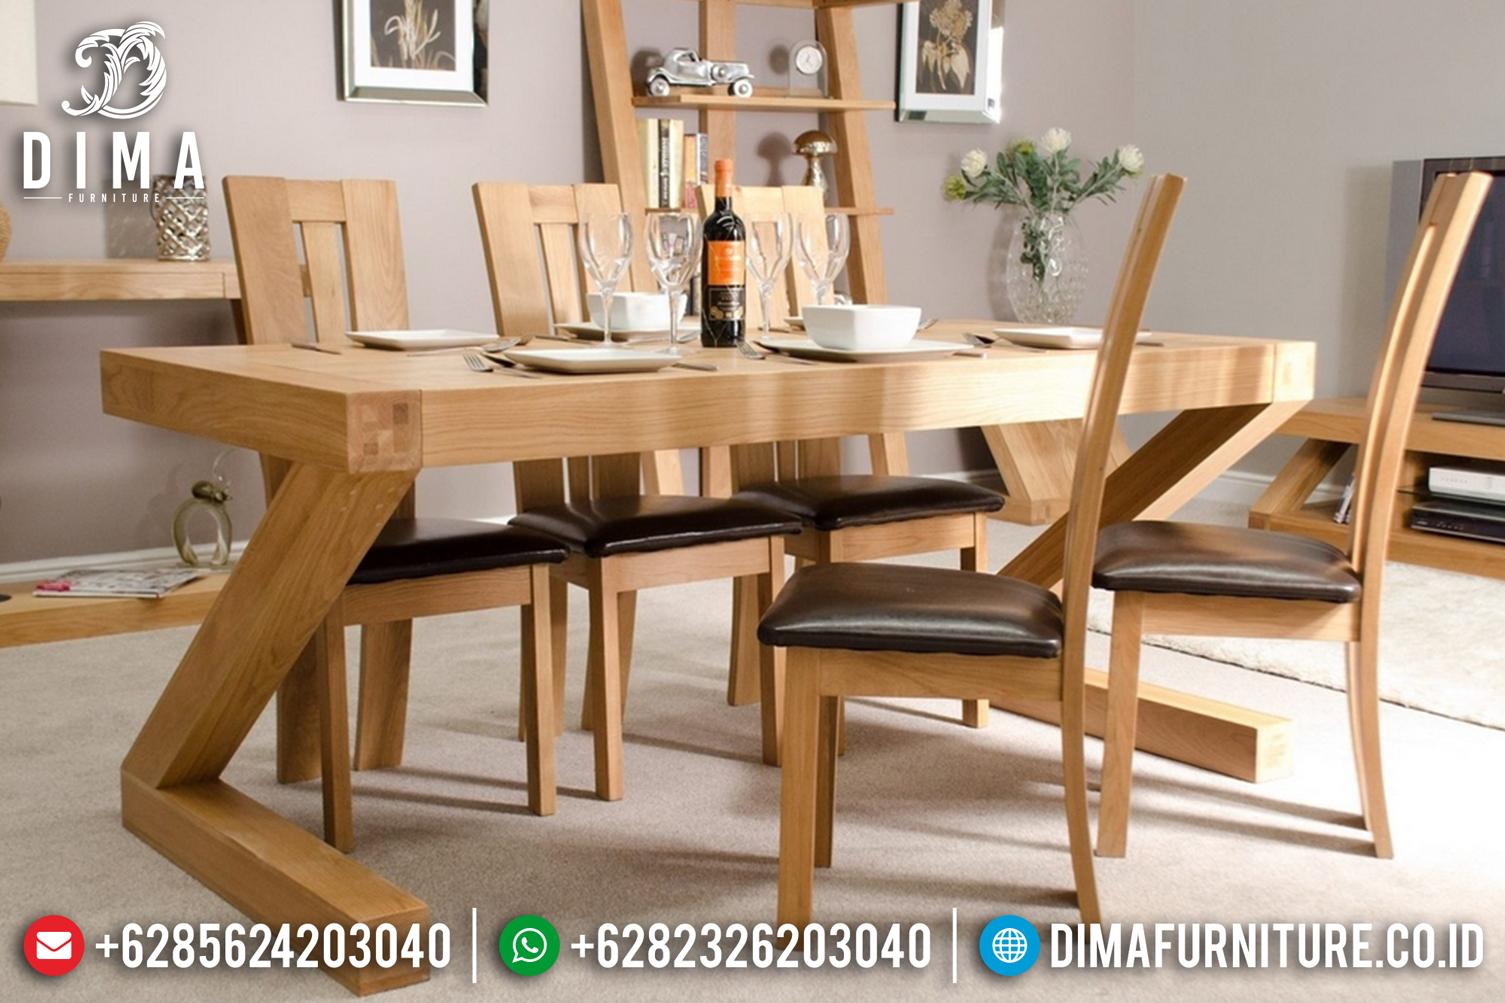 Set 6 Kursi Meja Makan Minimalis Jepara Jati Terbaru DF-0956